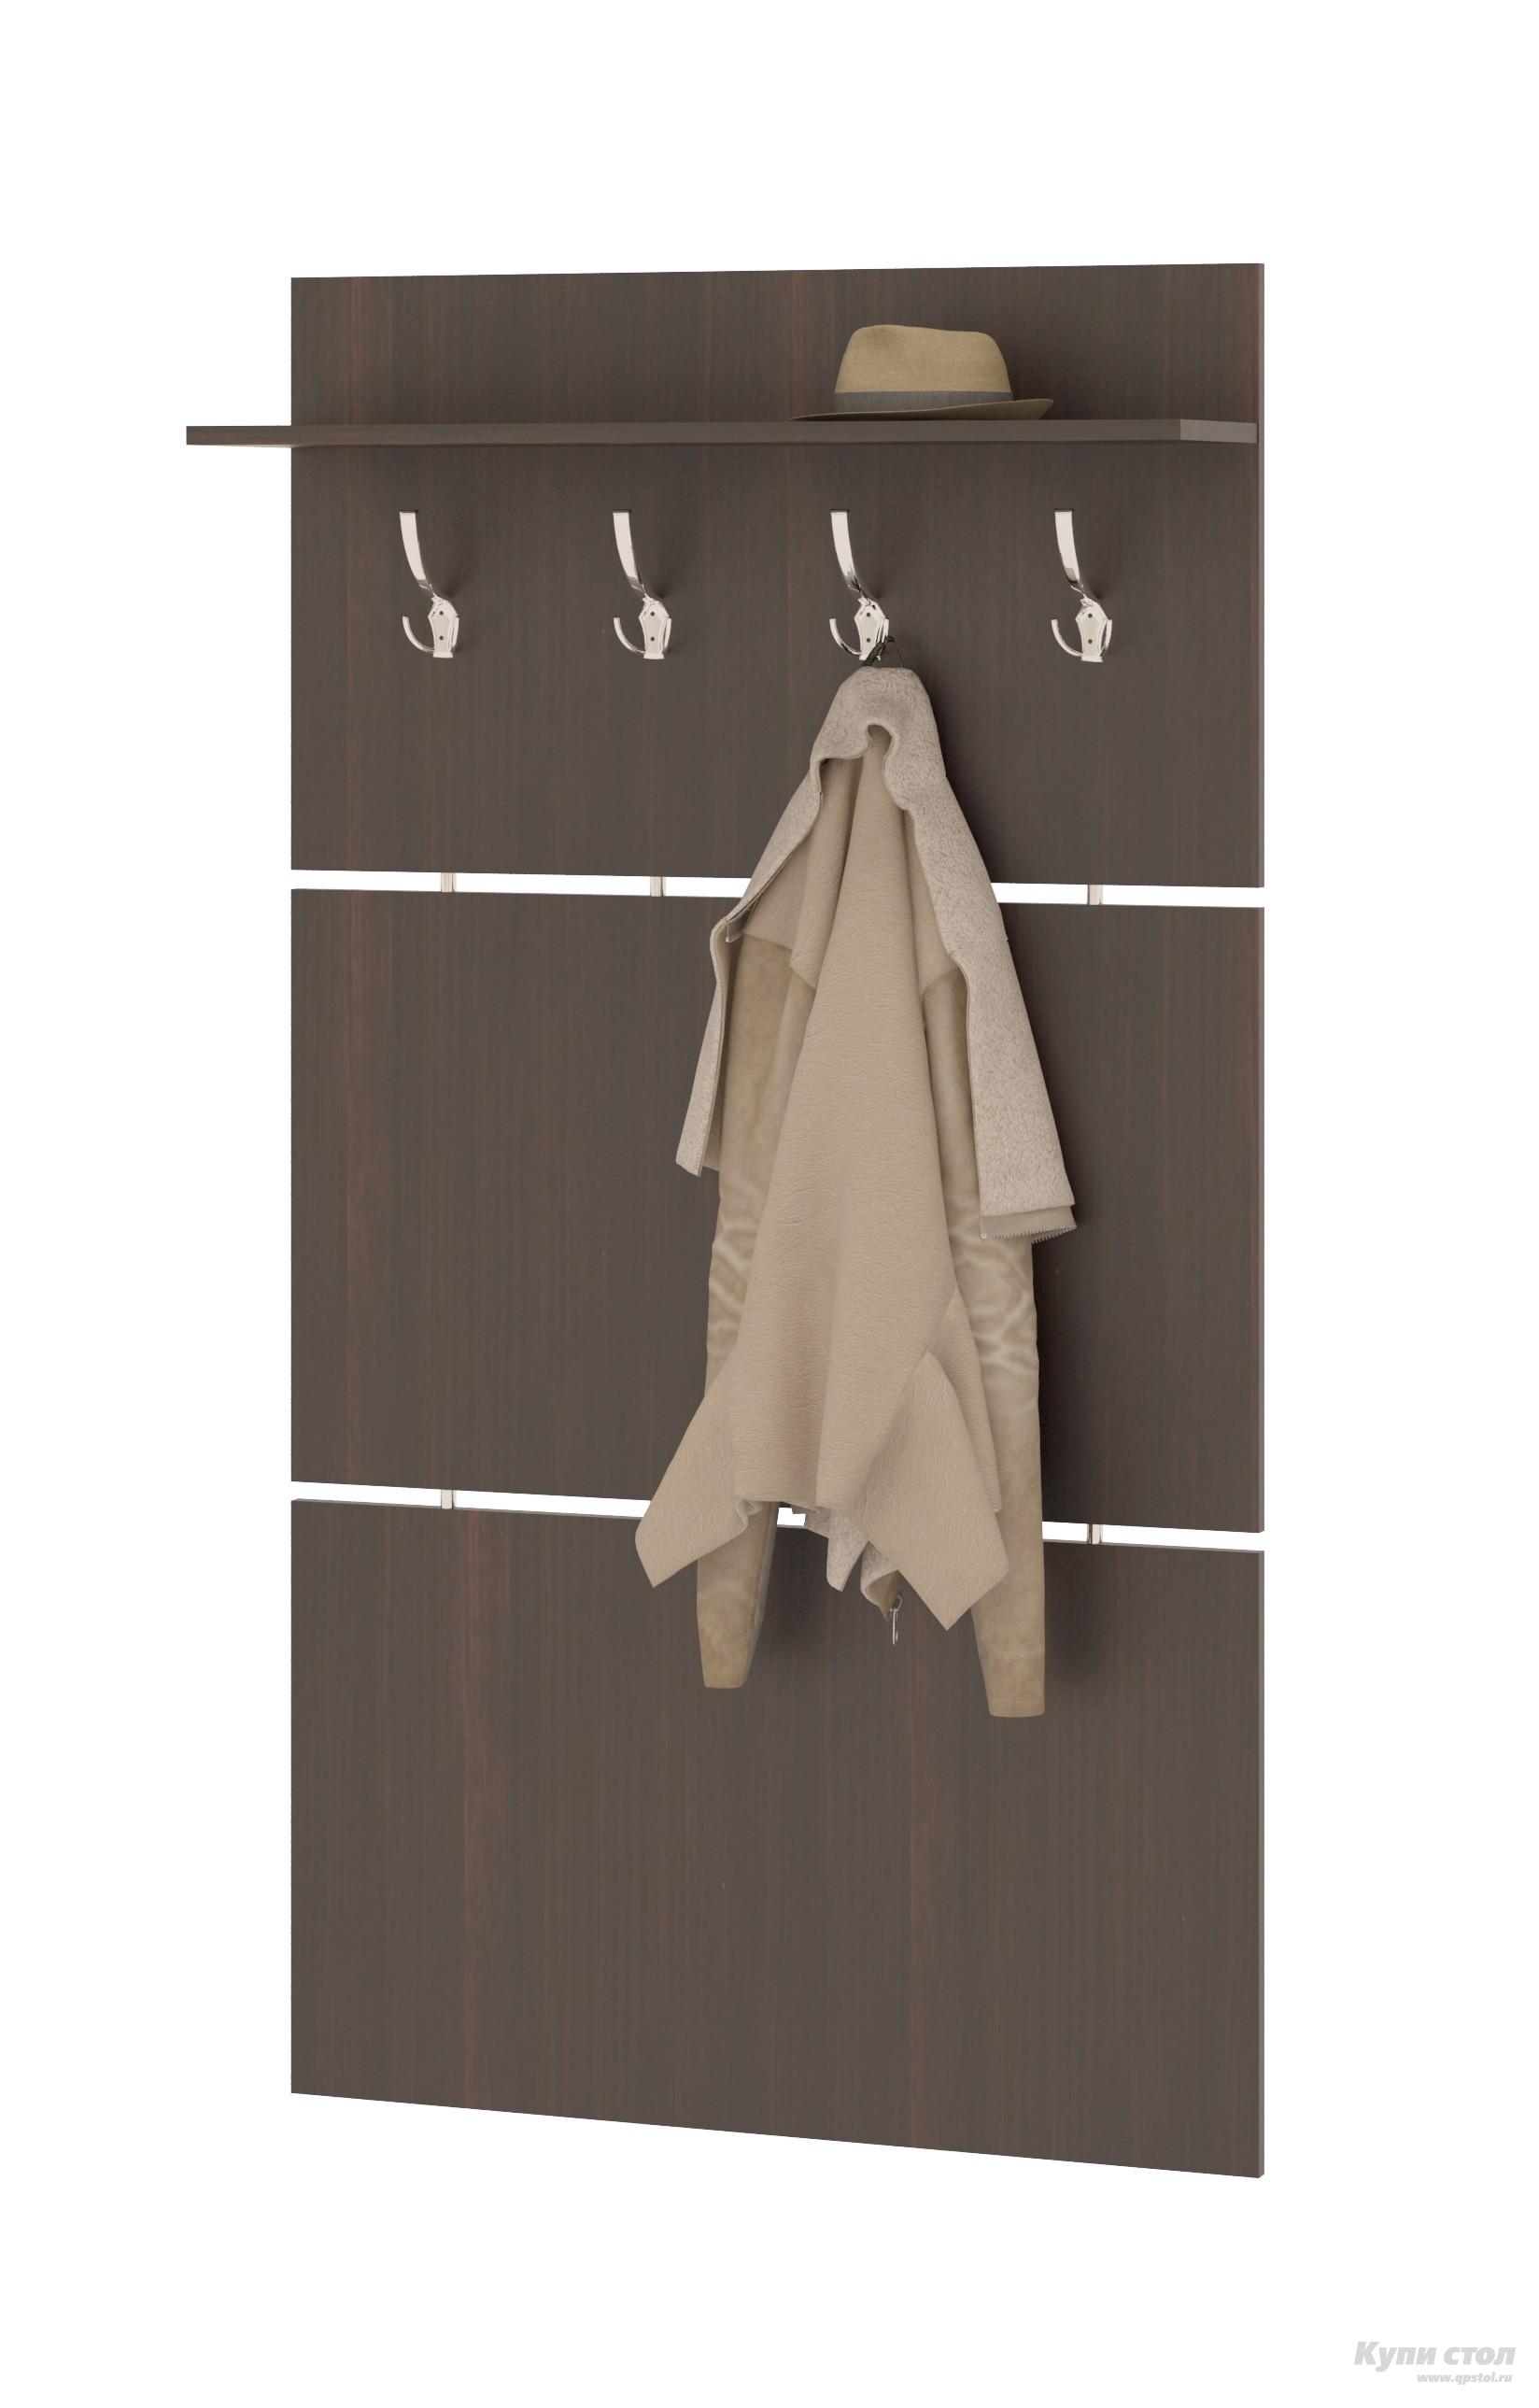 Настенная вешалка Сокол ВШ-3.1 ВенгеНастенные вешалки<br>Габаритные размеры ВхШхГ 1460x900x212 мм. Широкая навесная вешалка, выполненная в строгом стиле, позволит разместить сезонную одежду всей семьи.  Вешалка состоит из 3-х панелей соединенных металлическими  вставками.  На верхней панели располагается четыре 3-хрожковых крючка для одежды. Полка, закрепленная над крючками, предназначена специально для головных уборов и зонтов.  Максимальная нагрузка на полку составляет 5кг. Вешалка изготовлена из высококачественной ДСП 16 мм, края отделаны кромкой ПВХ 0. 4 мм.  Рекомендуем сохранить инструкцию по сборке (паспорт изделия) до истечения гарантийного срока.<br><br>Цвет: Венге<br>Цвет: Венге<br>Высота мм: 1460<br>Ширина мм: 900<br>Глубина мм: 212<br>Кол-во упаковок: 1<br>Форма поставки: В разобранном виде<br>Срок гарантии: 2 года